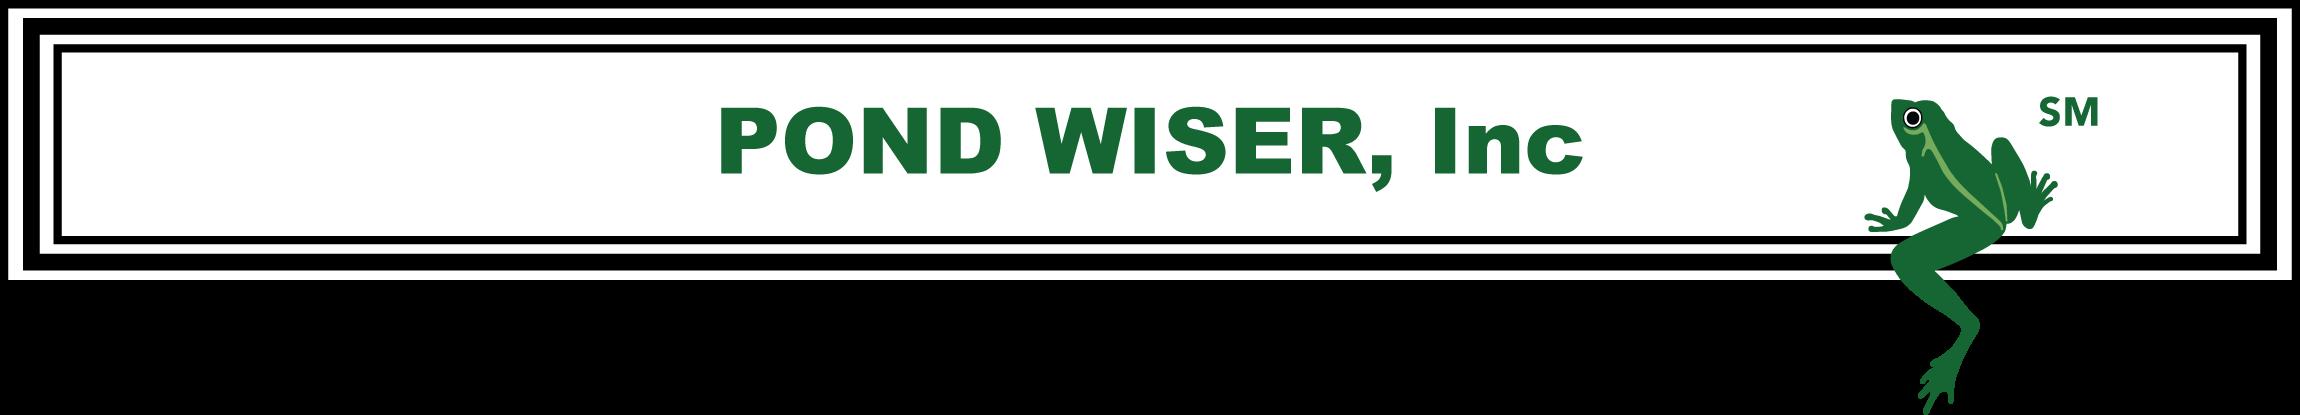 Pond Wiser